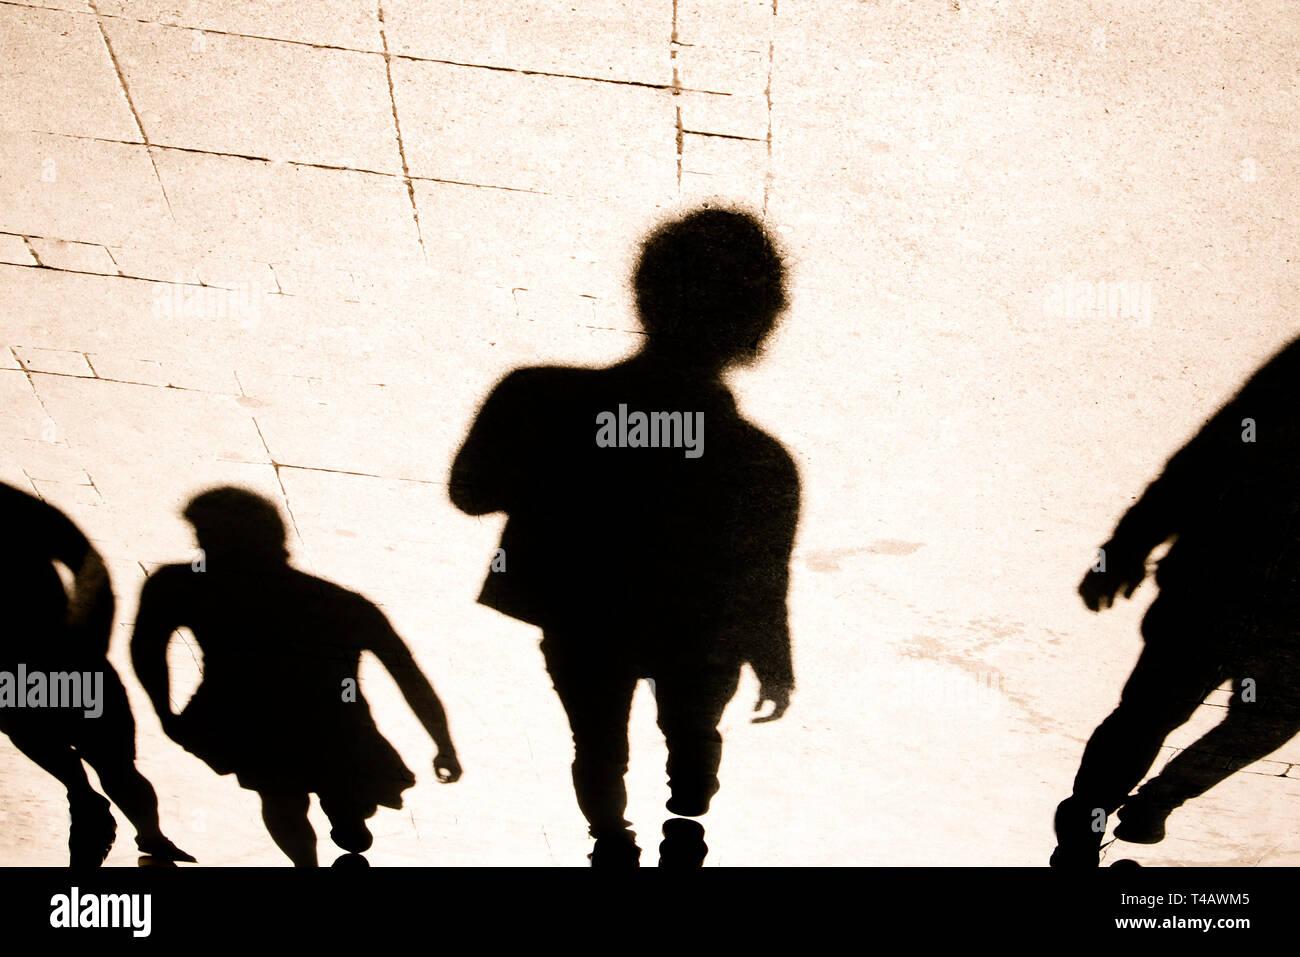 Blurrry ombre silhouete de personnes marchant sur la rue piétonne à contraste élevé sépia Noir et blanc Banque D'Images